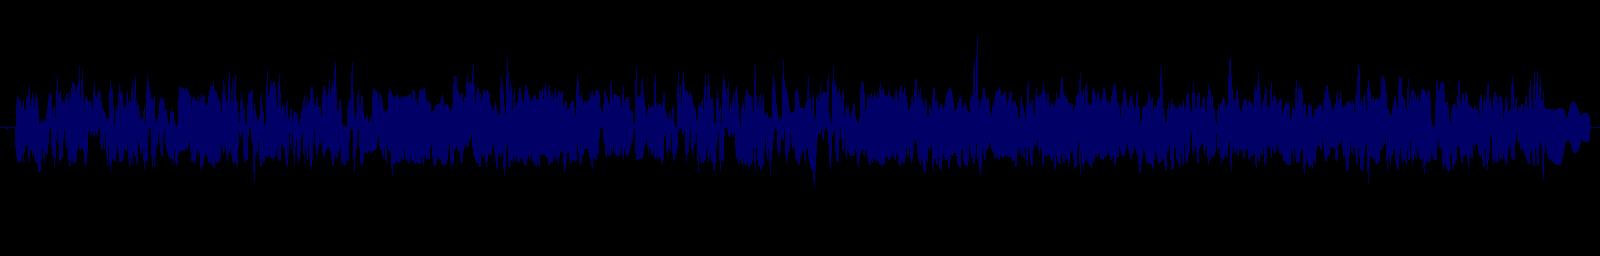 waveform of track #151287